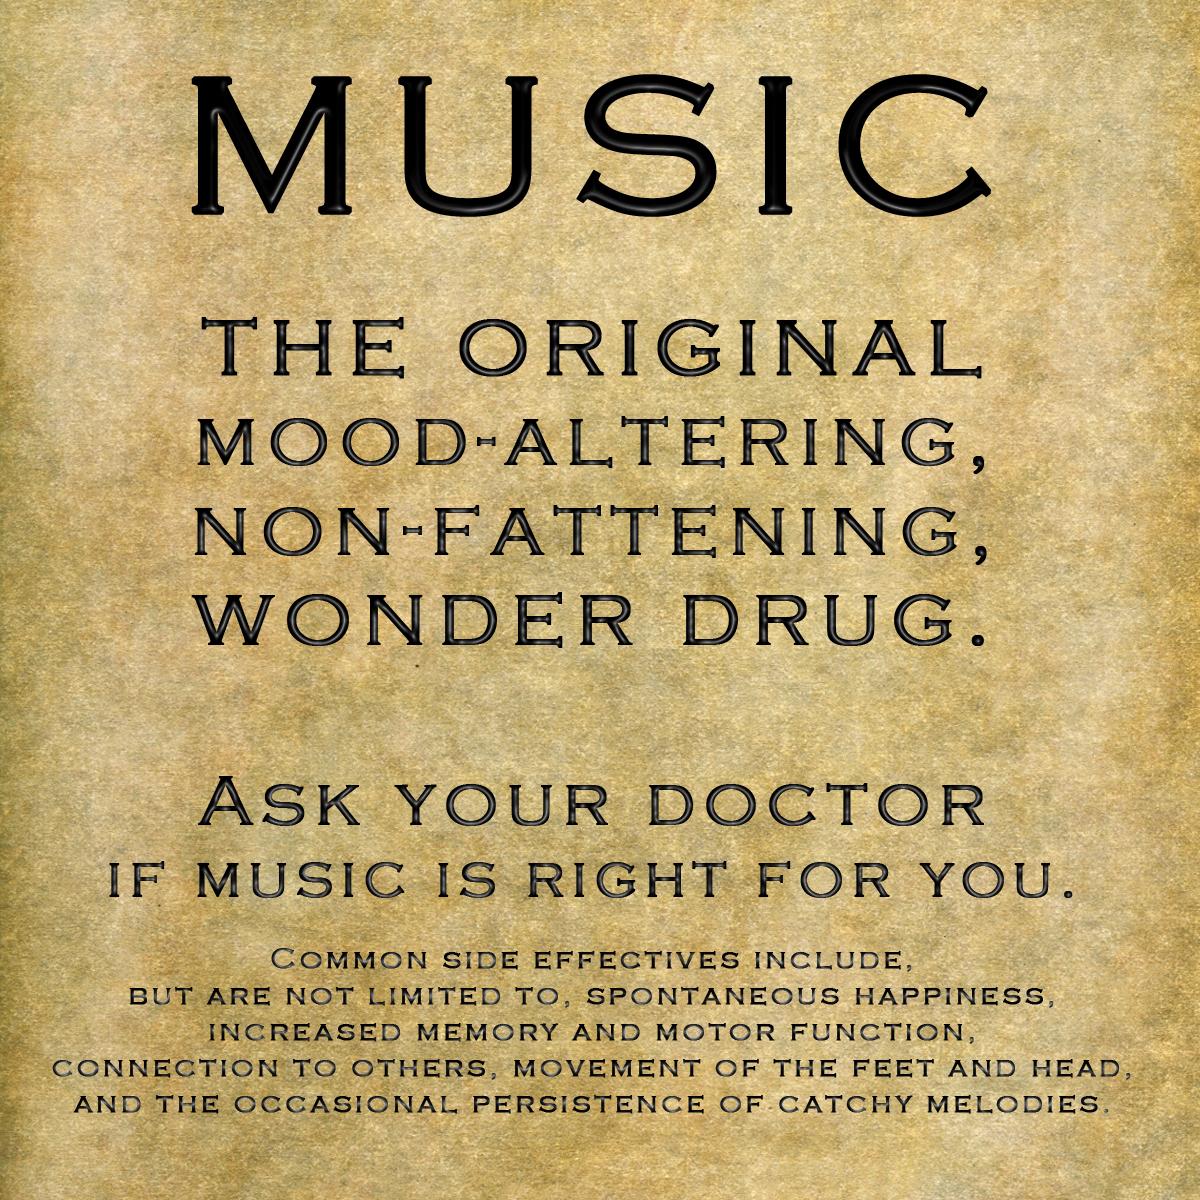 Music drug quote